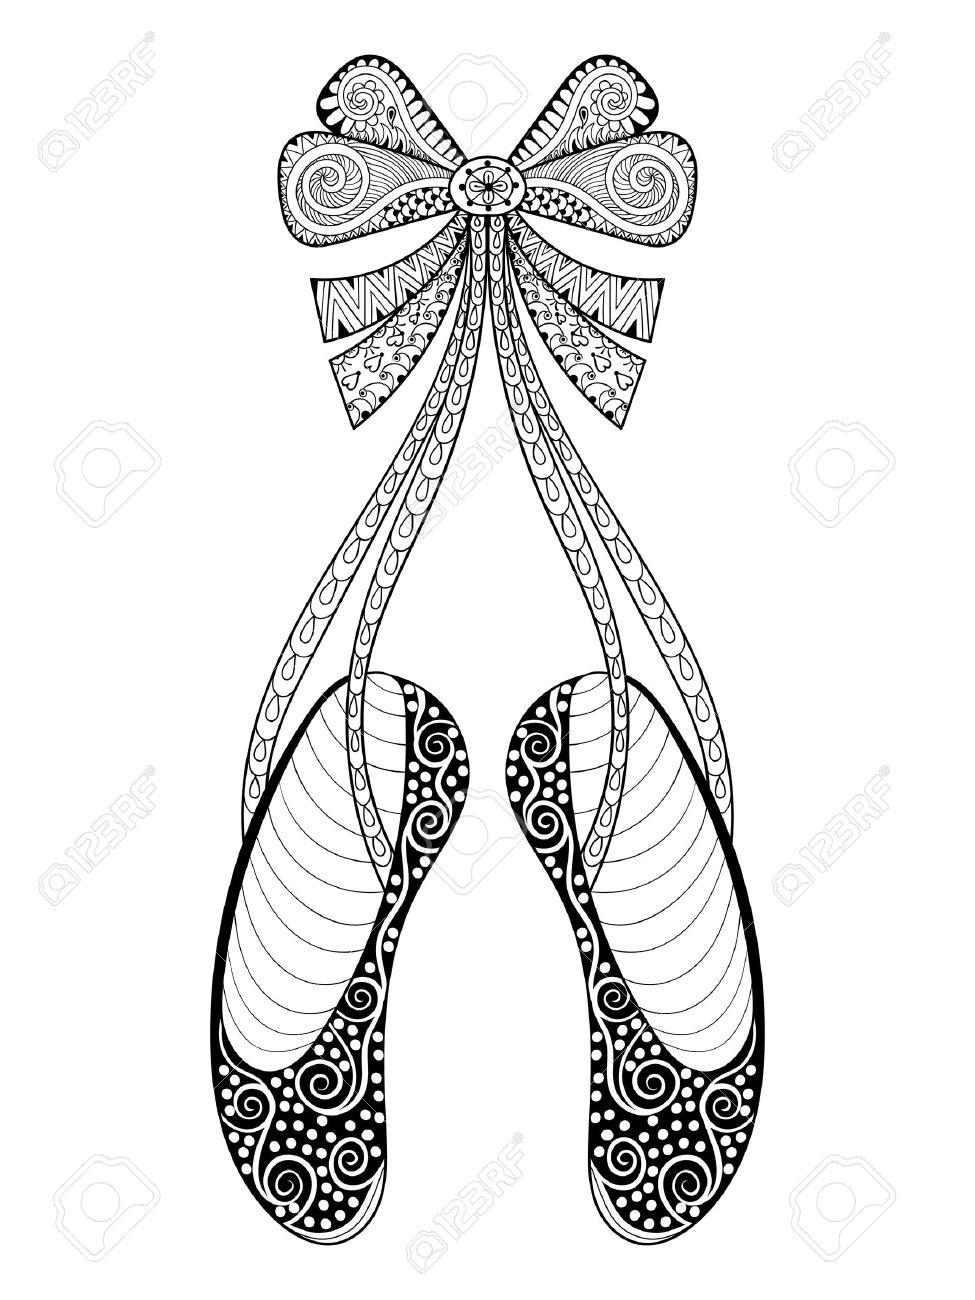 Vector De Los Zapatos De Baile De Ballet Zentangle Símbolo Ejemplo Modelado Dibujado A Mano Zapatillas De Punta Ornamentales Con Arco De La Cinta